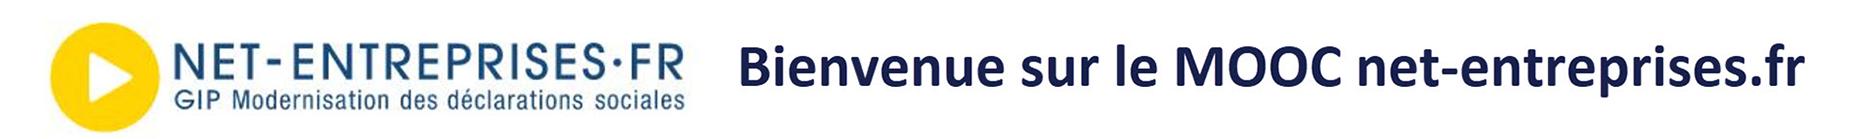 Mooc net-entreprises Logo